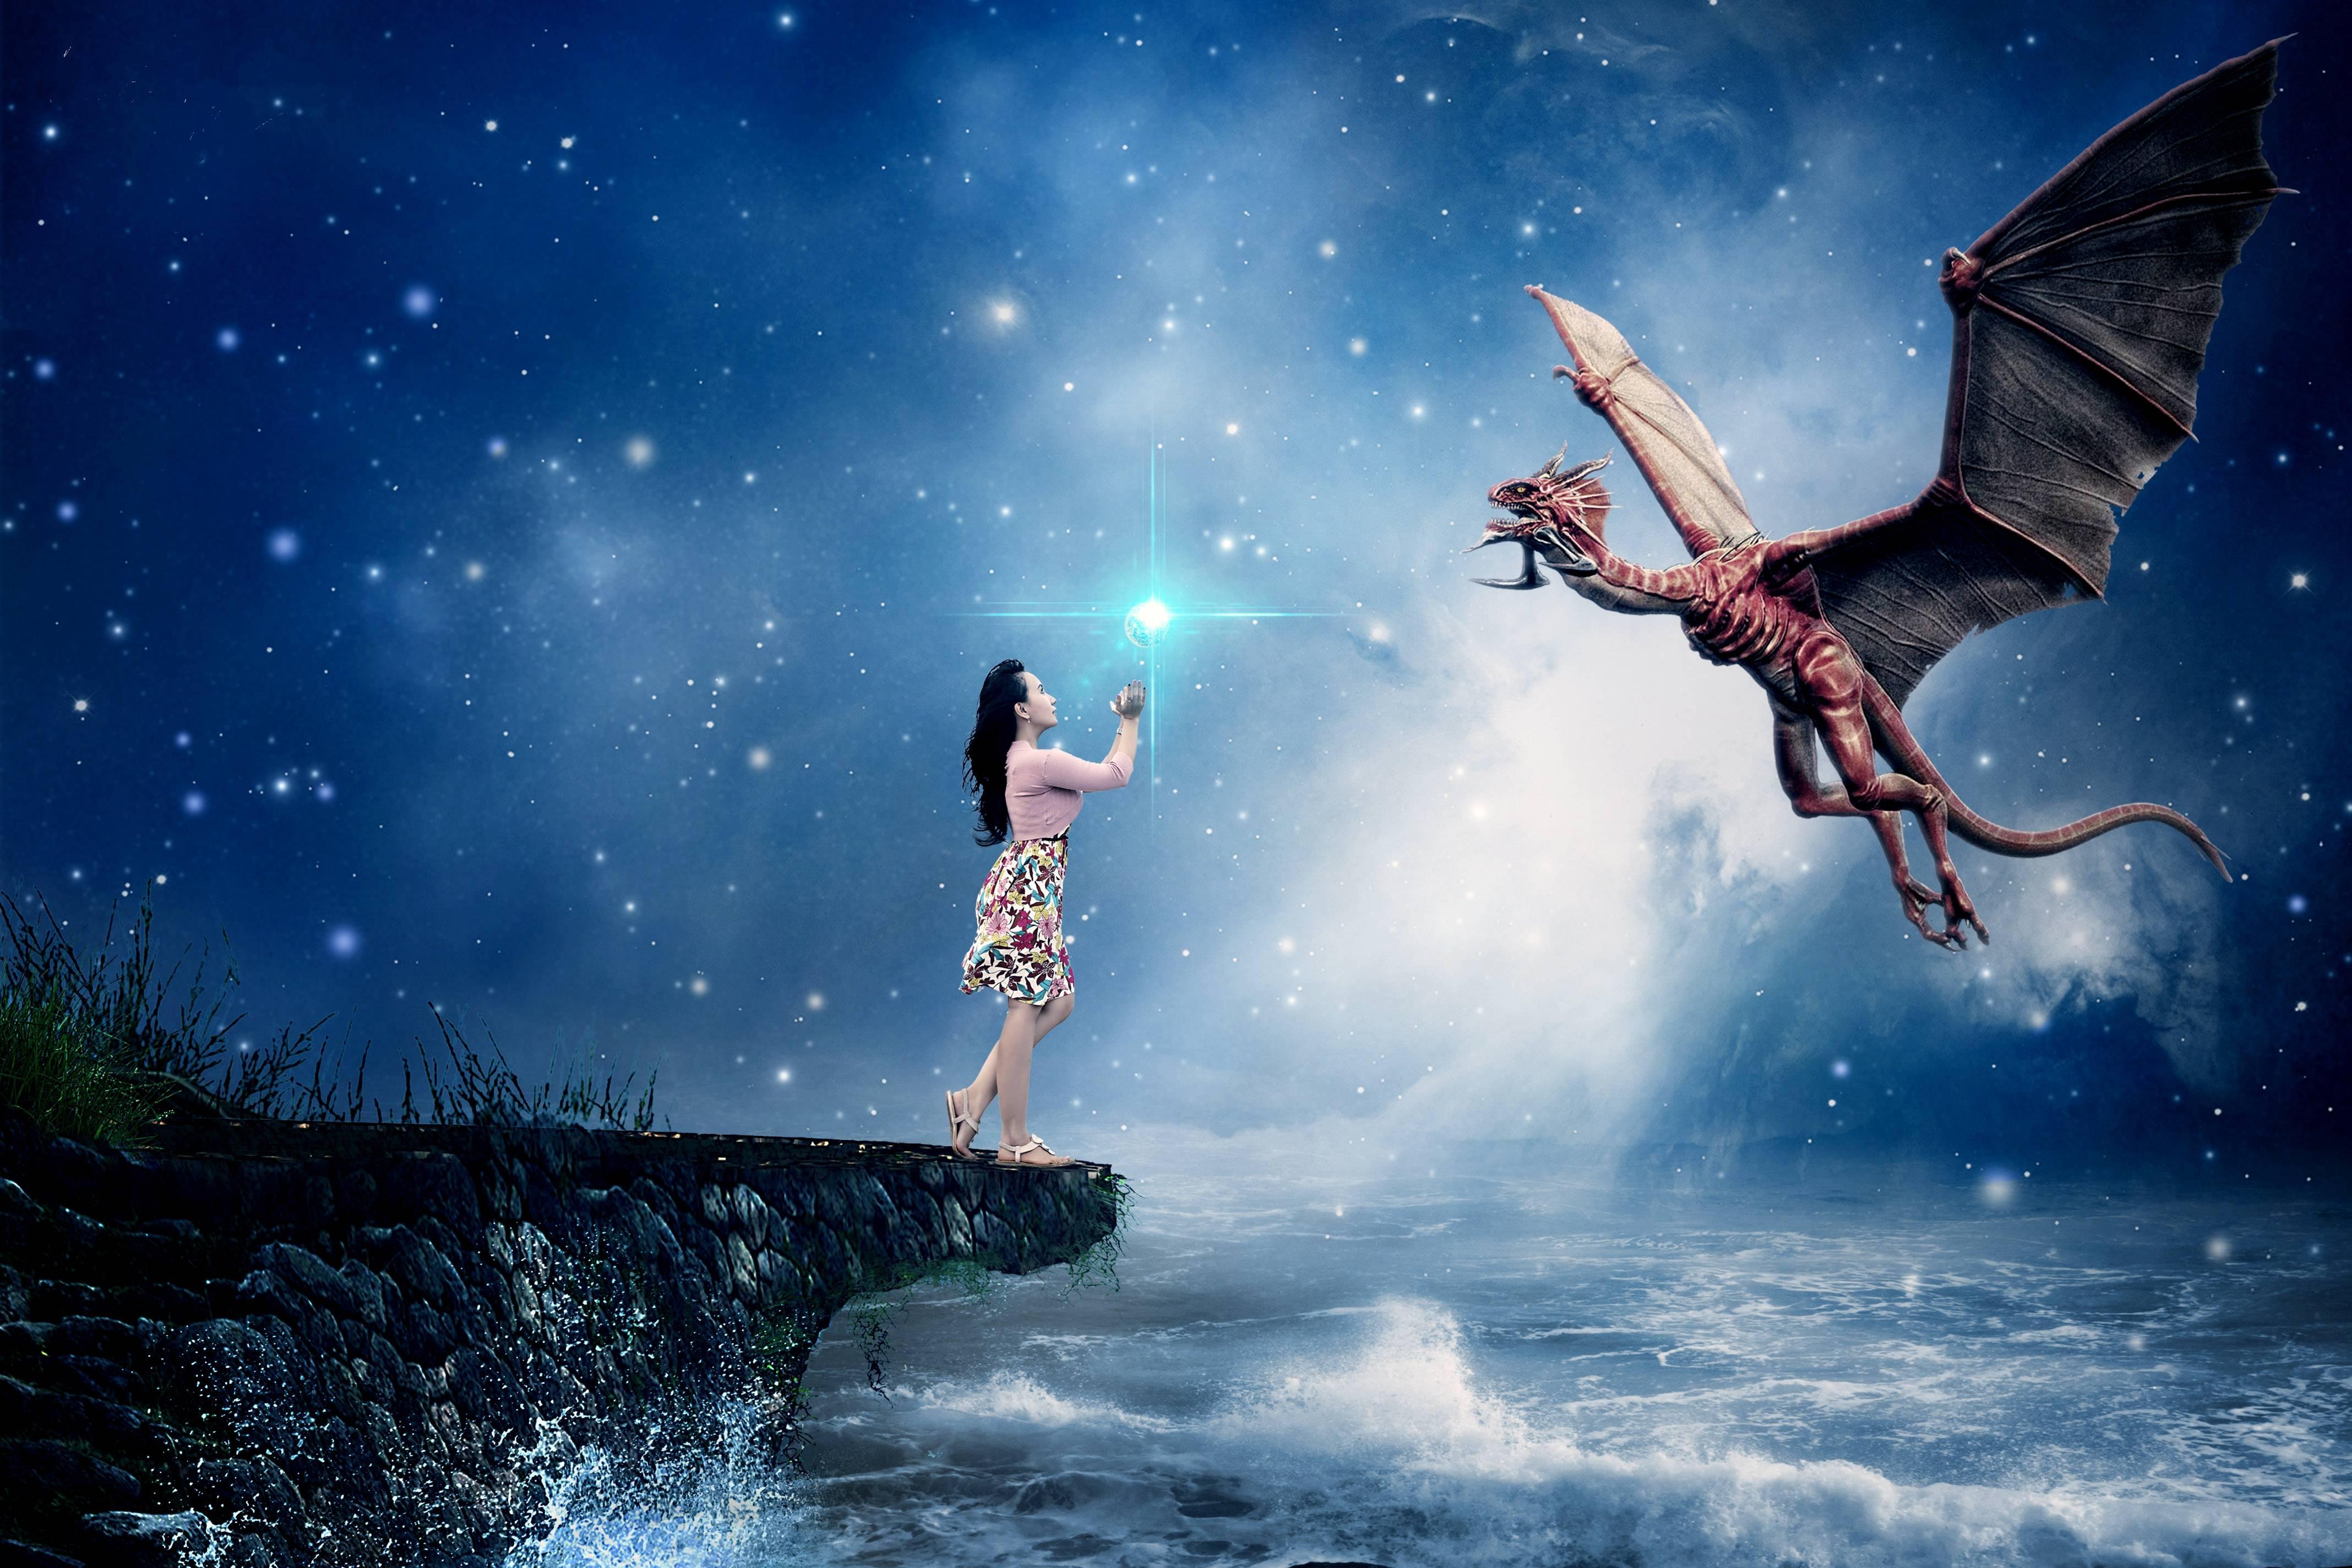 море, девушка, дракон